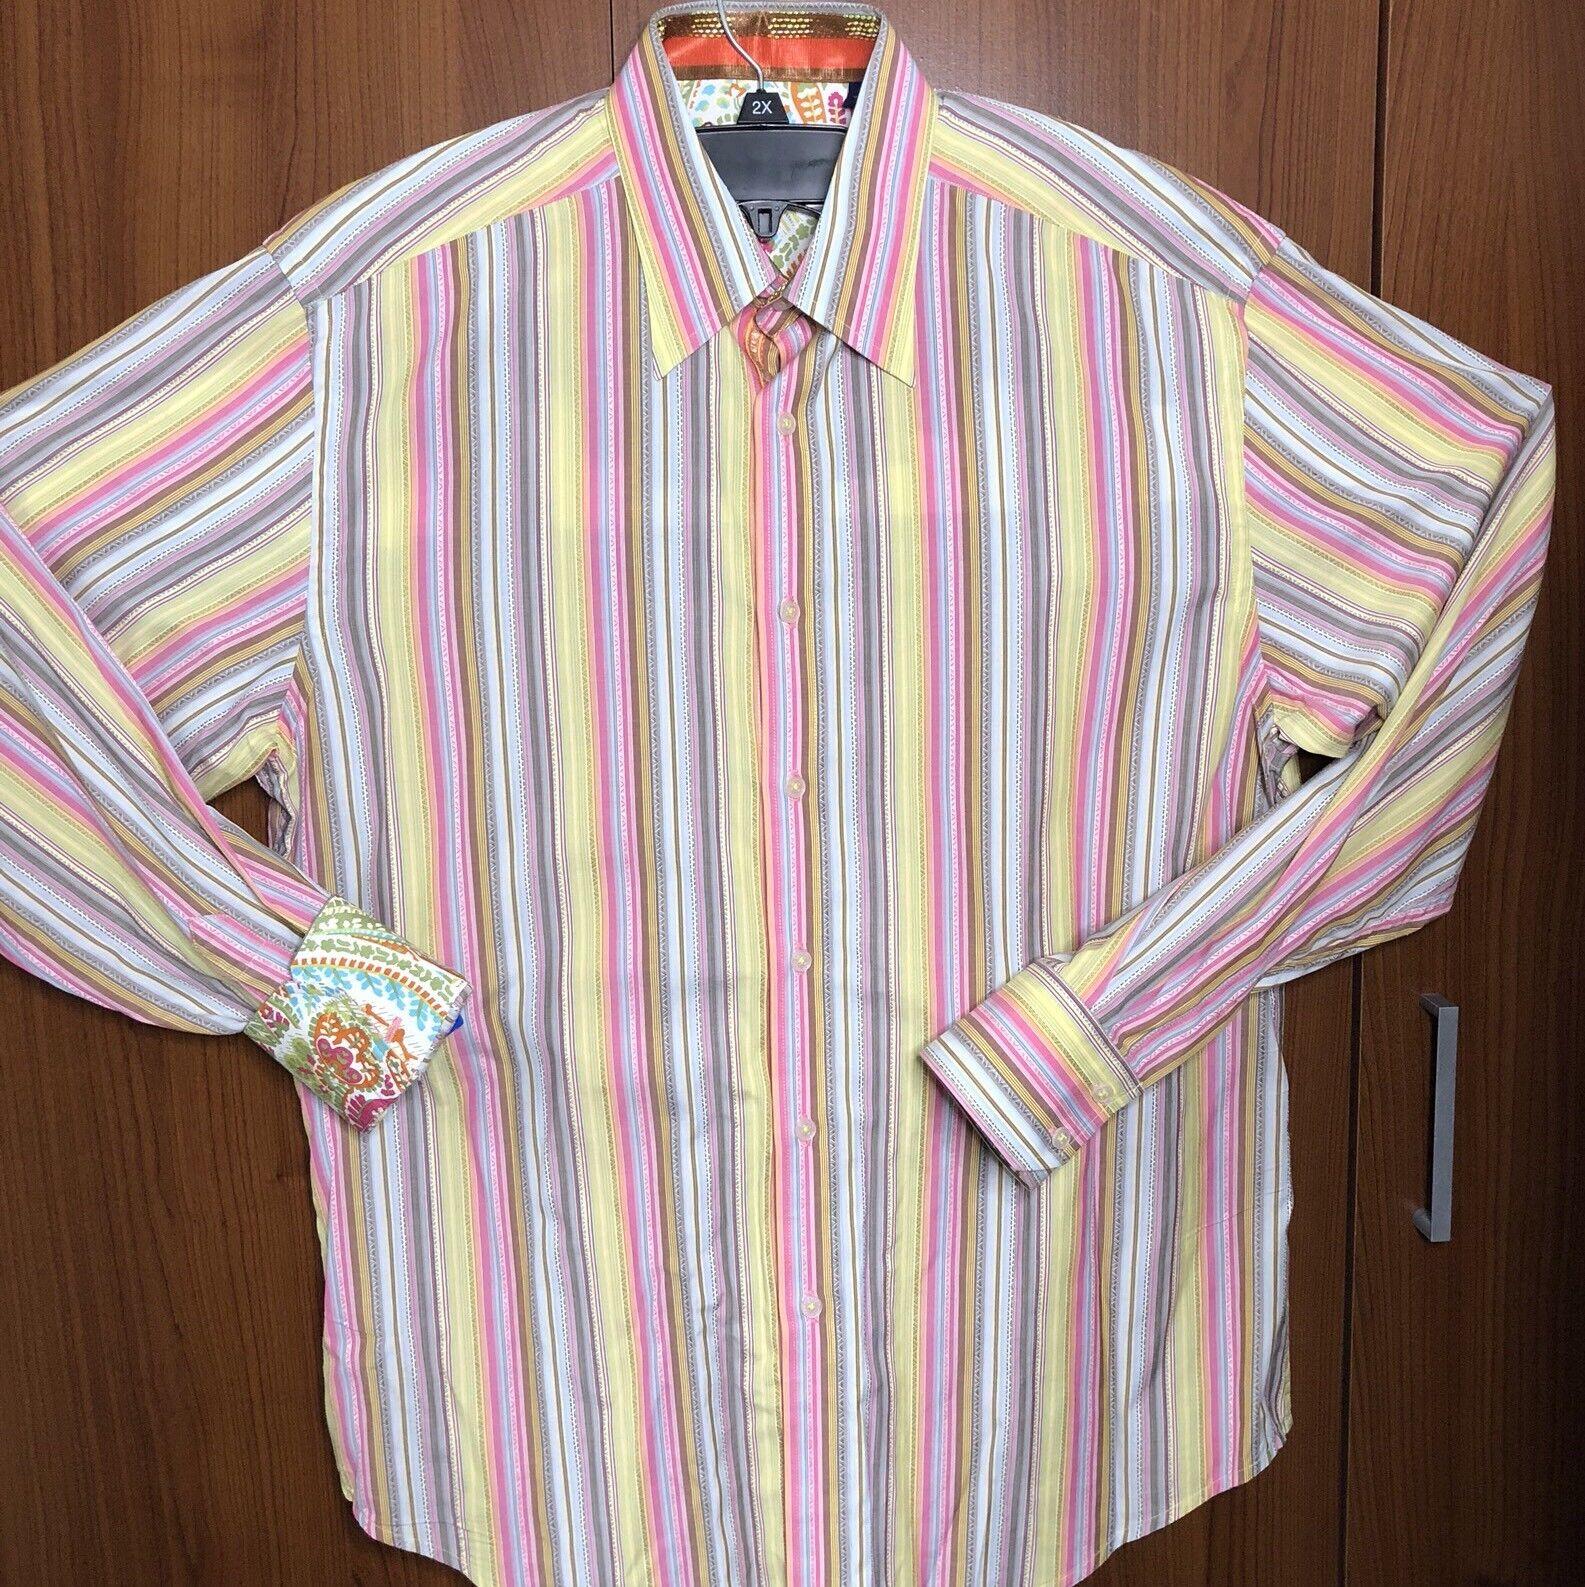 0679237d5 ROBERT GRAHAM Mens XL Button Down Dress Shirt Stripe Pink Multicolor  Longsleeve